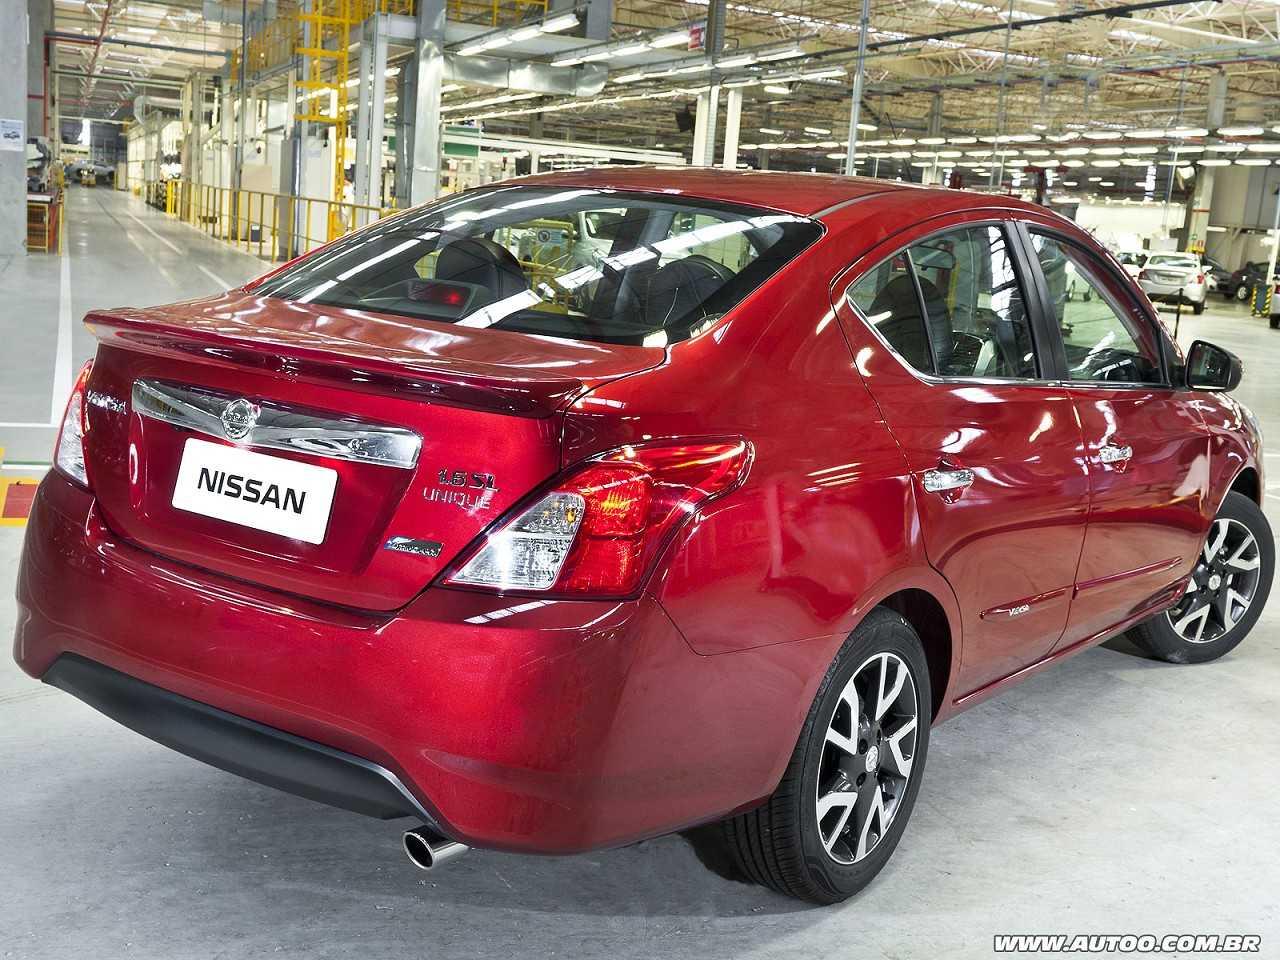 NissanVersa 2017 - ângulo traseiro